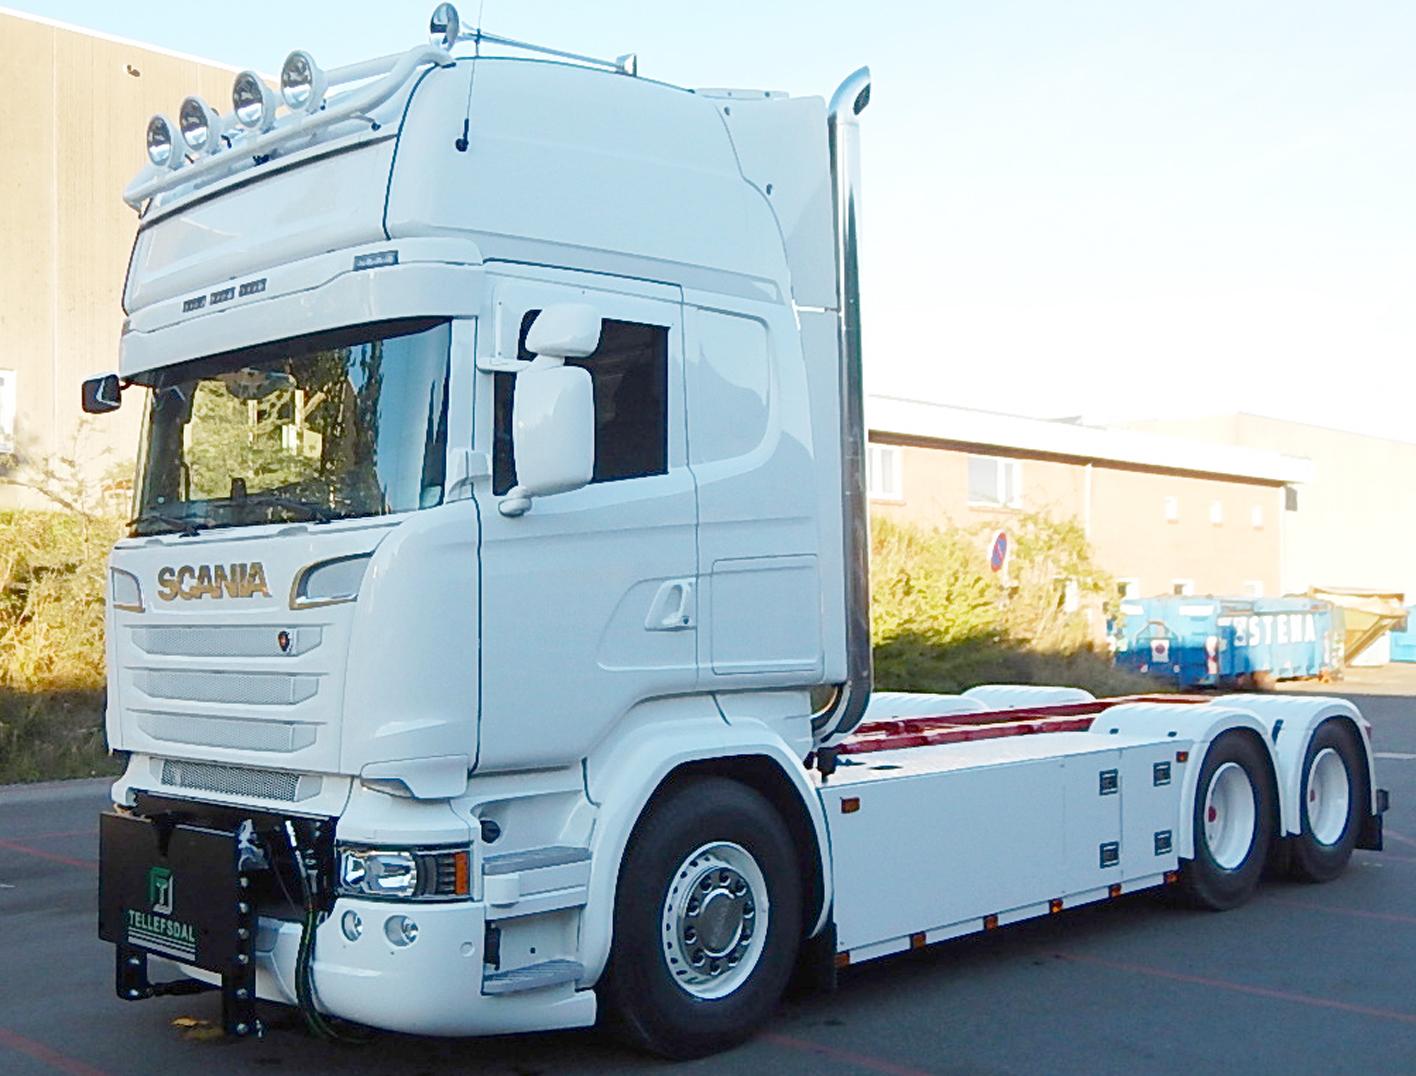 Scania opbygning med frontbeslag til vinterbekæmpelse